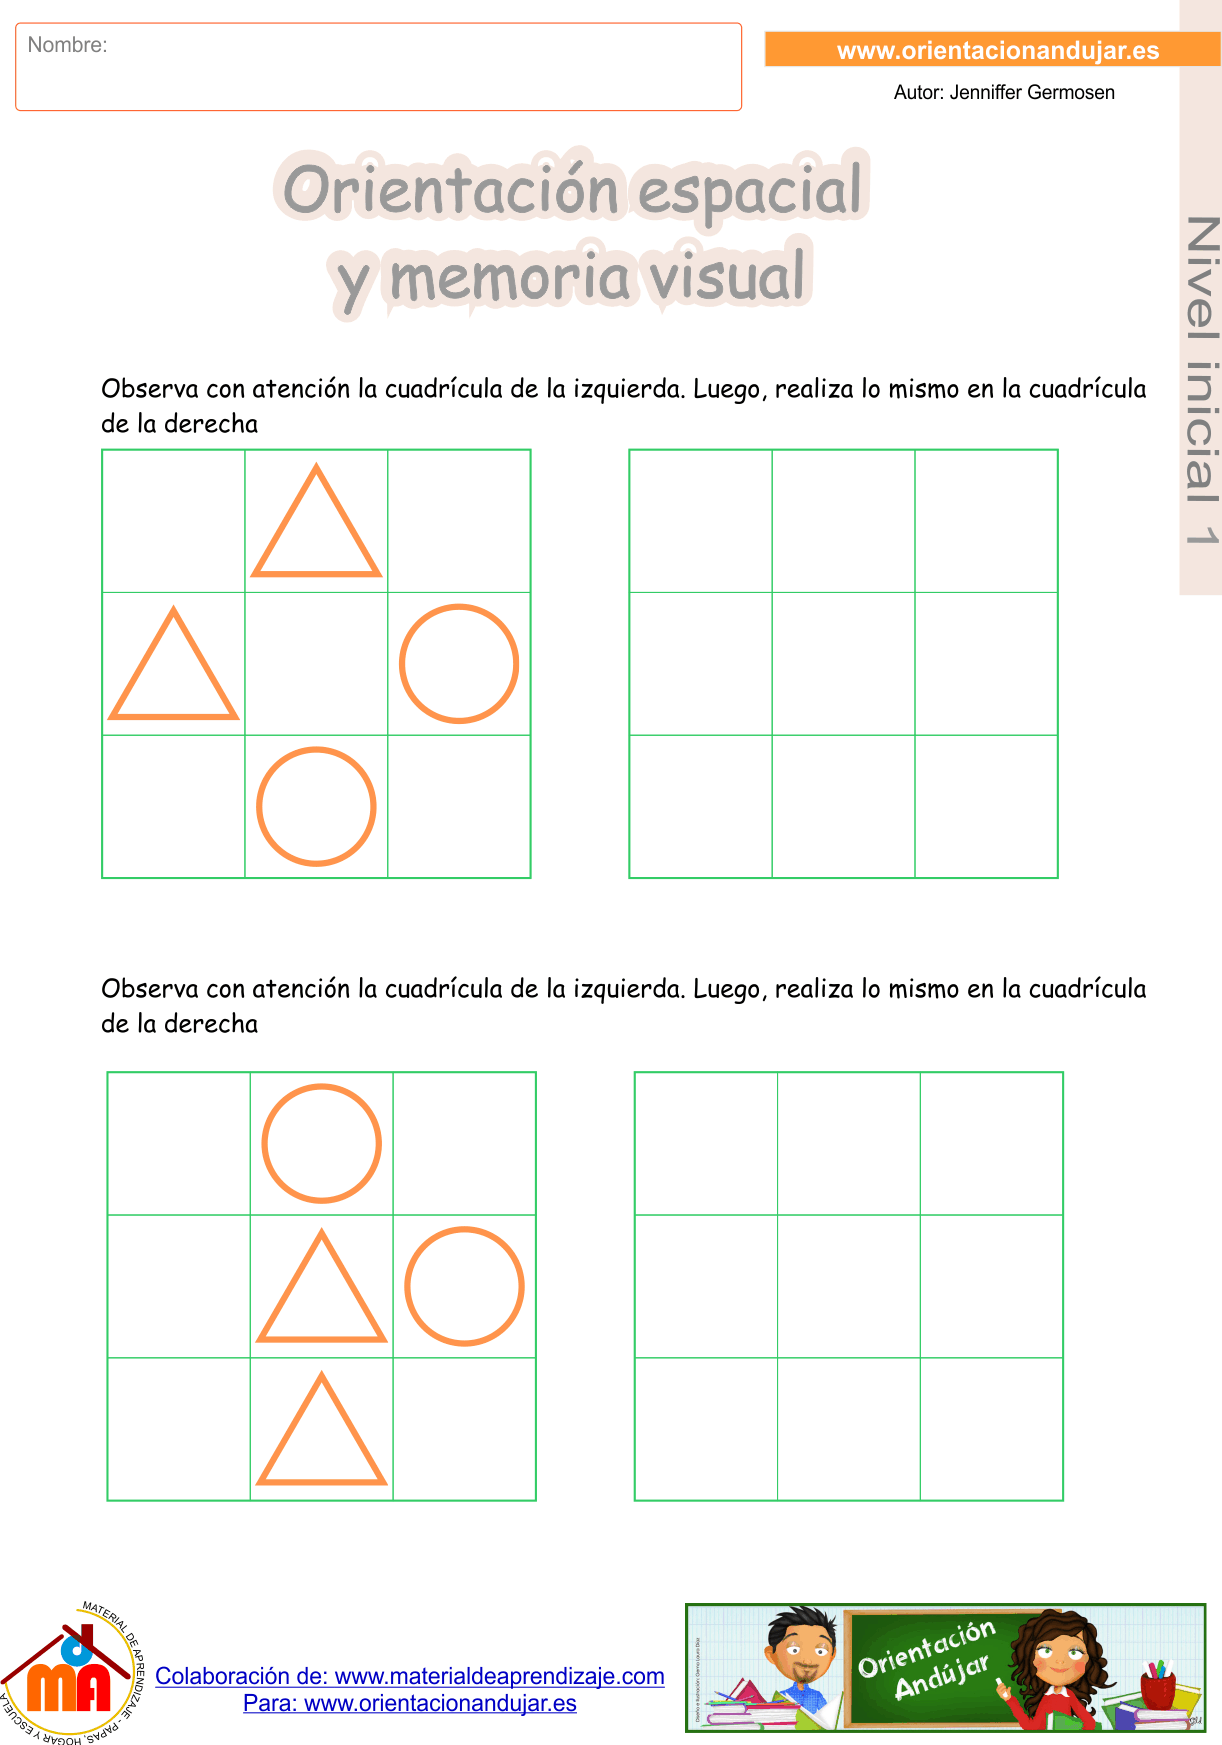 Super cuadernillo nº 1 de Orientación espacial y memoria visual